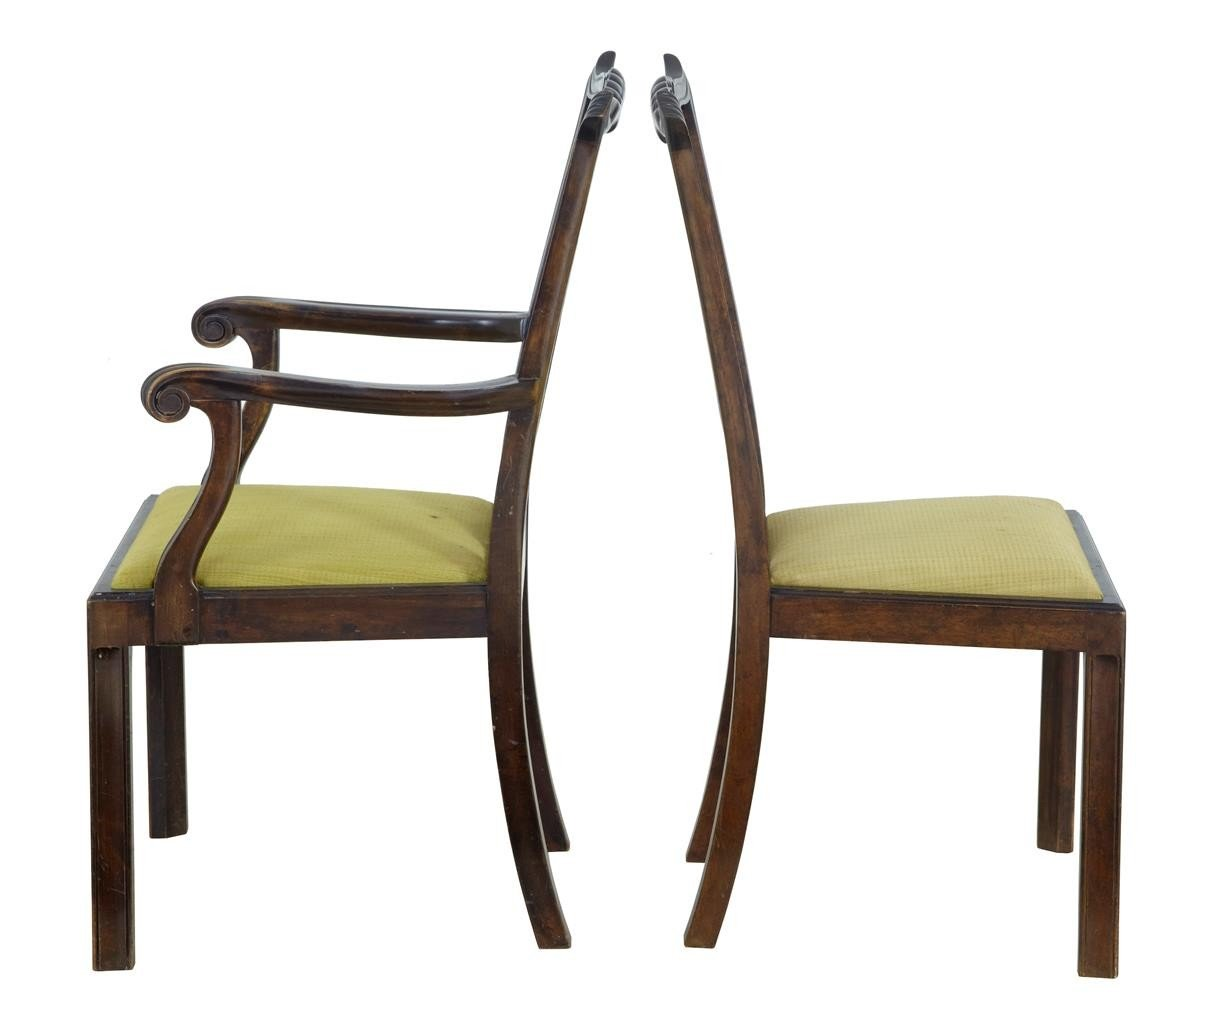 Salle A Manger Antique: Set De Chaises De Salle à Manger Chippendale Antique En